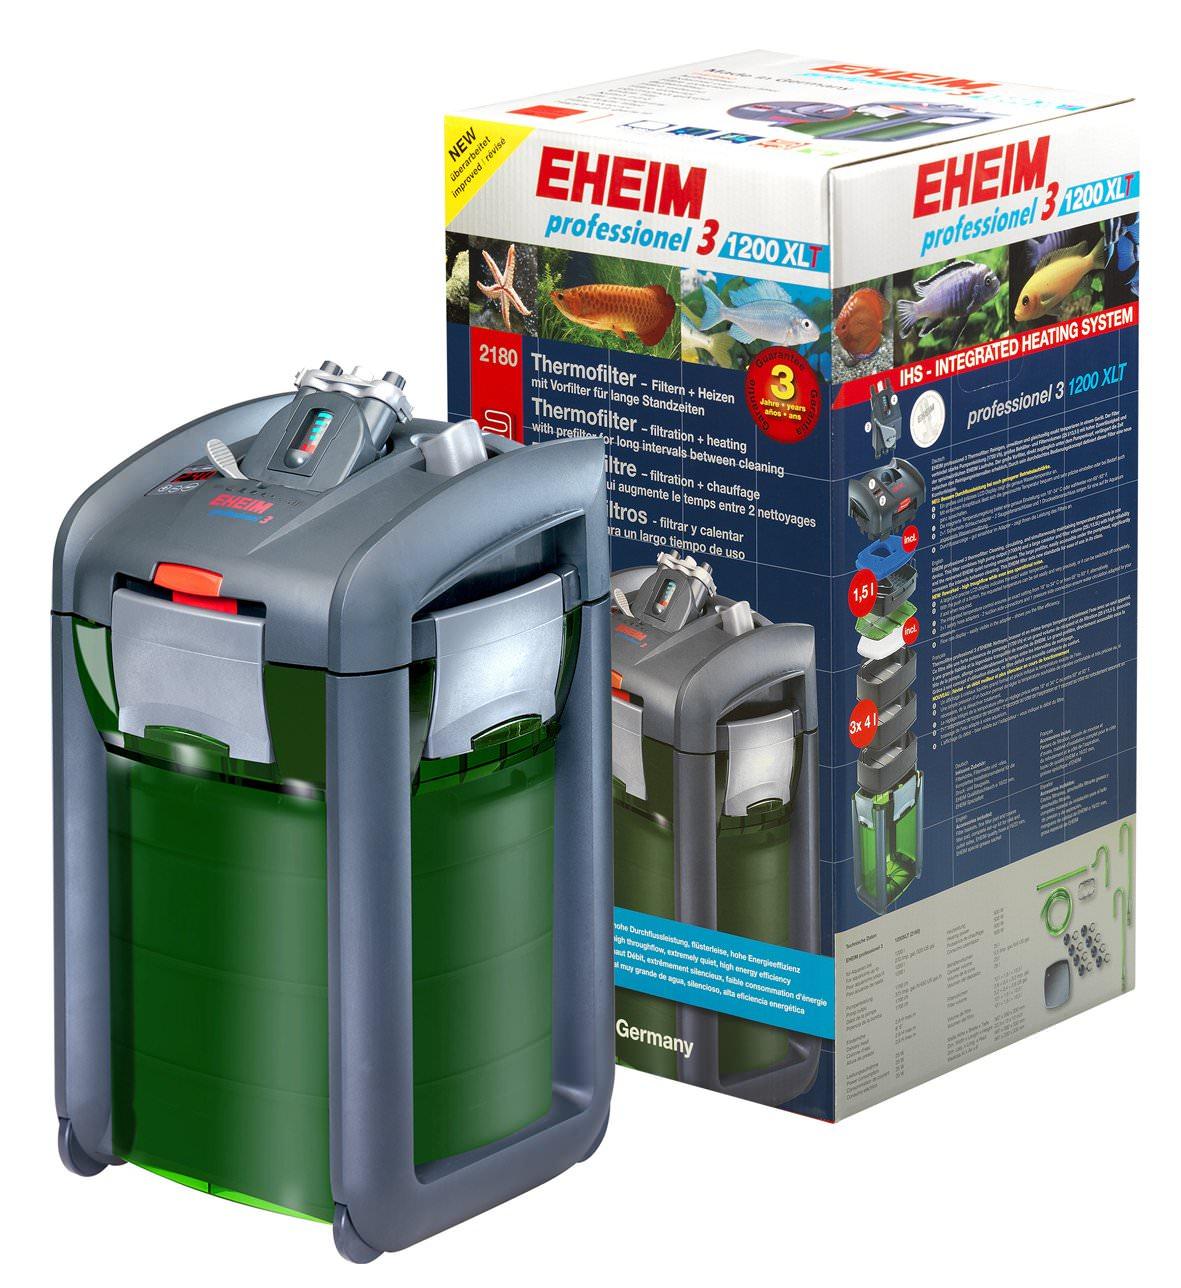 EHEIM 2180 Professionel 3 filtre externe avec chauffage intégré pour aquarium jusqu\'à 1200L